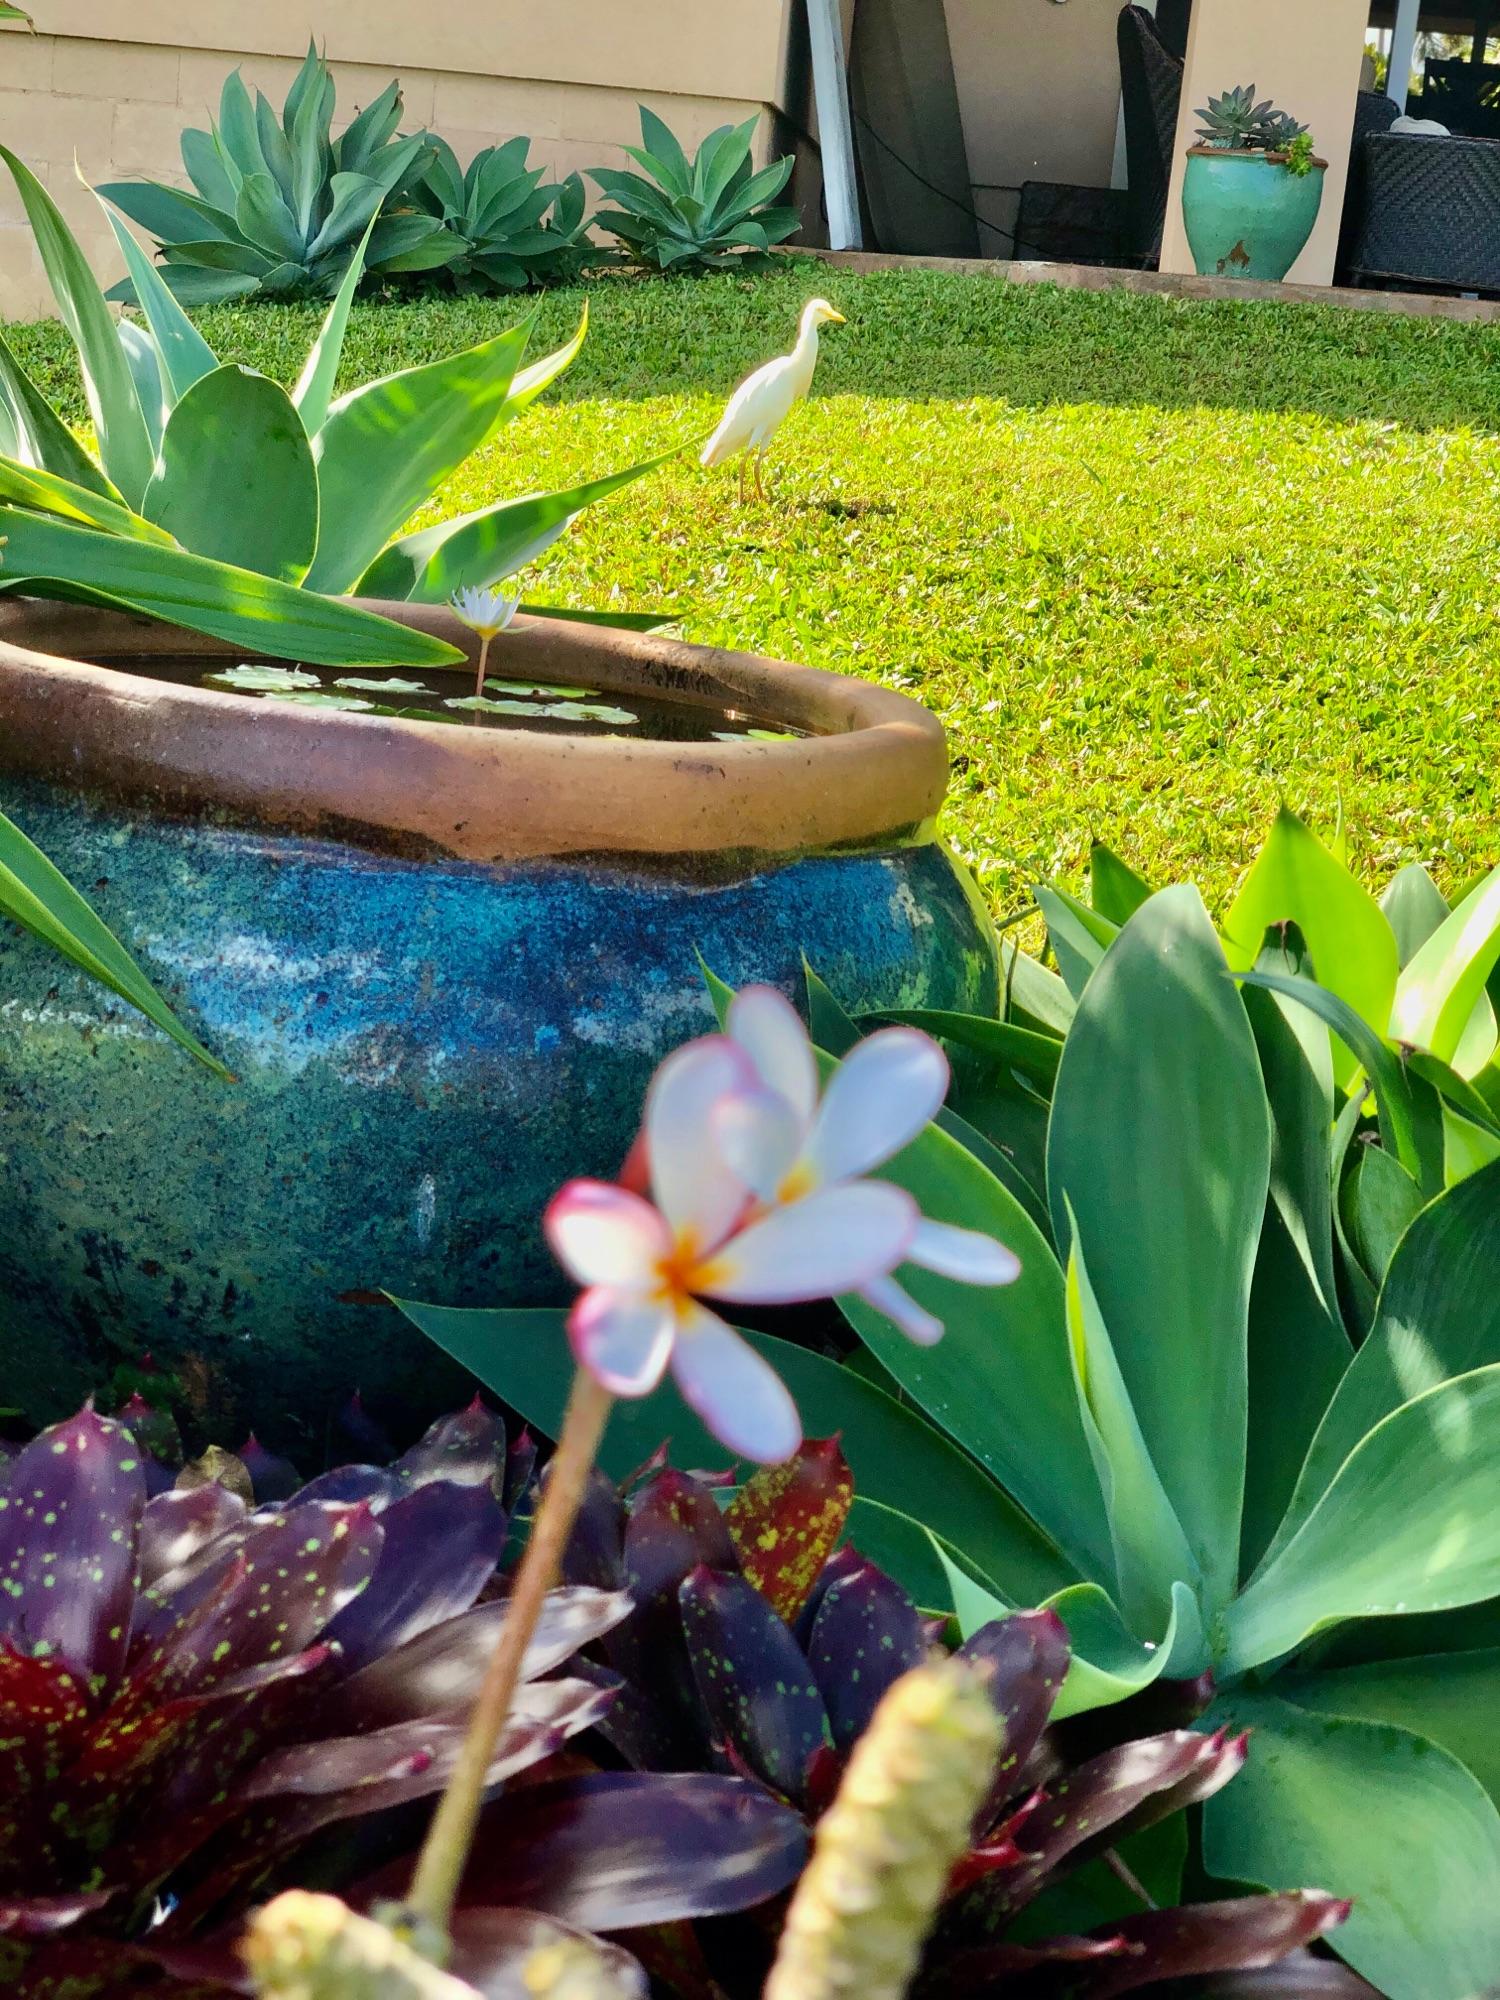 Цапелька белые приходят толпой. Тут она на фоне моей кадушки с лилией.